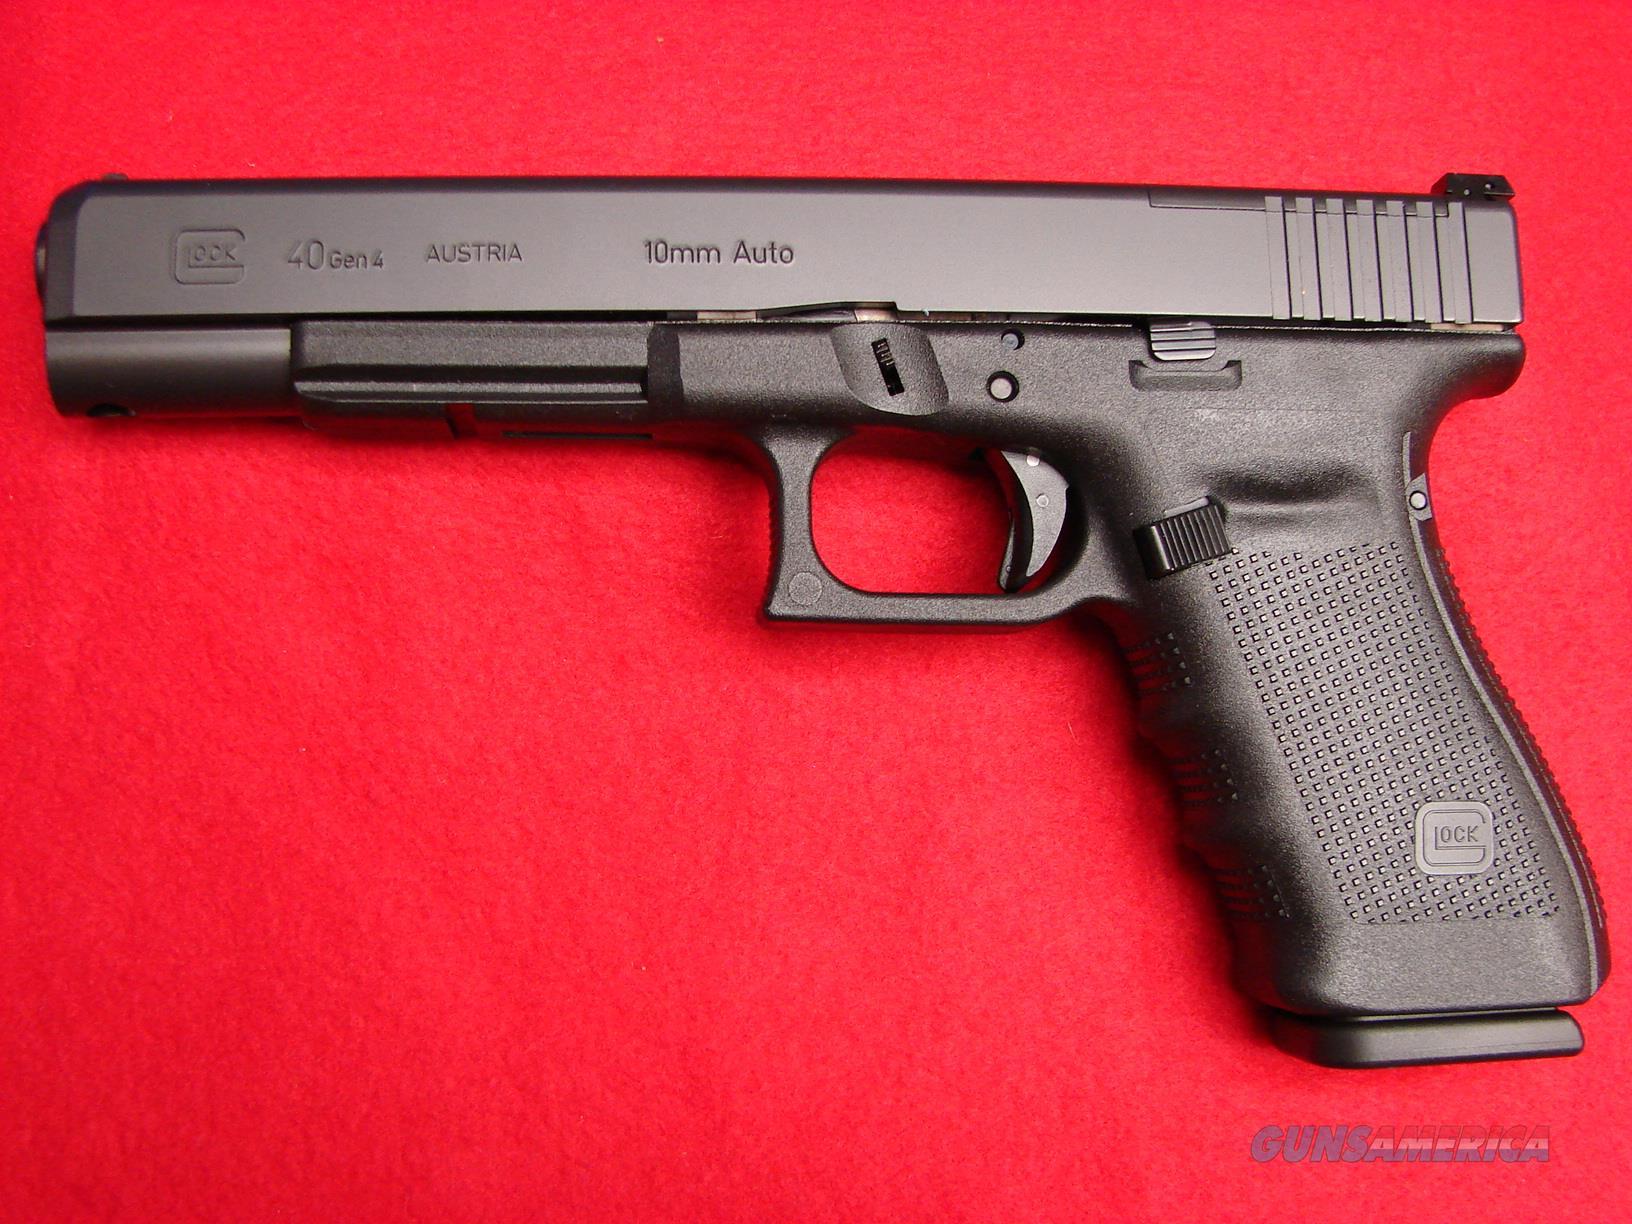 Glock Model 40 - 10mm - Gen 4 - 6